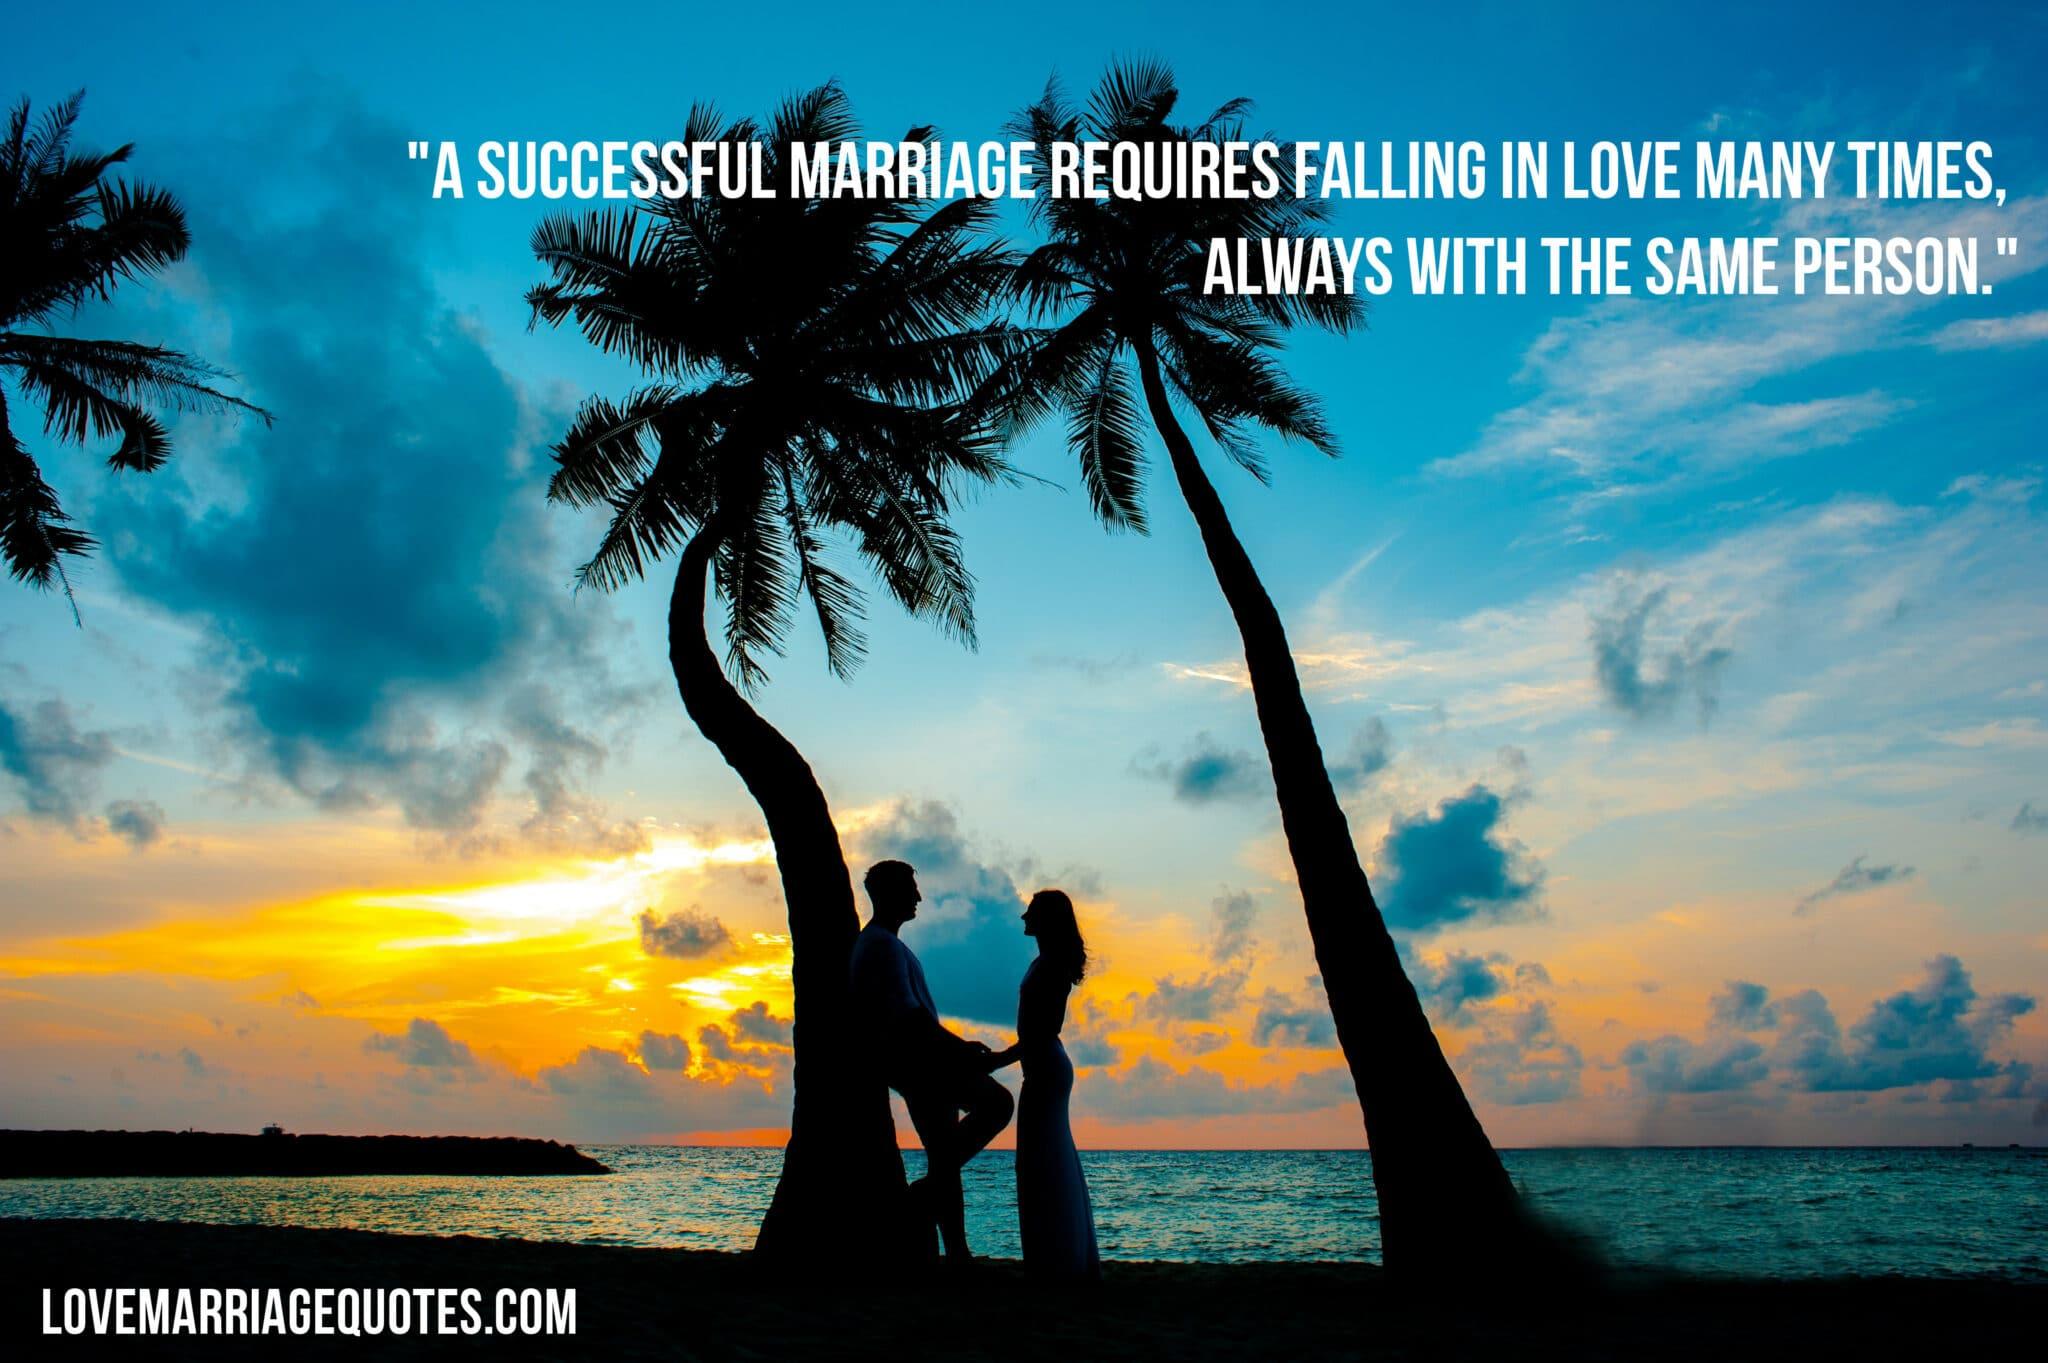 Love Quote Mignon Mclaughlin